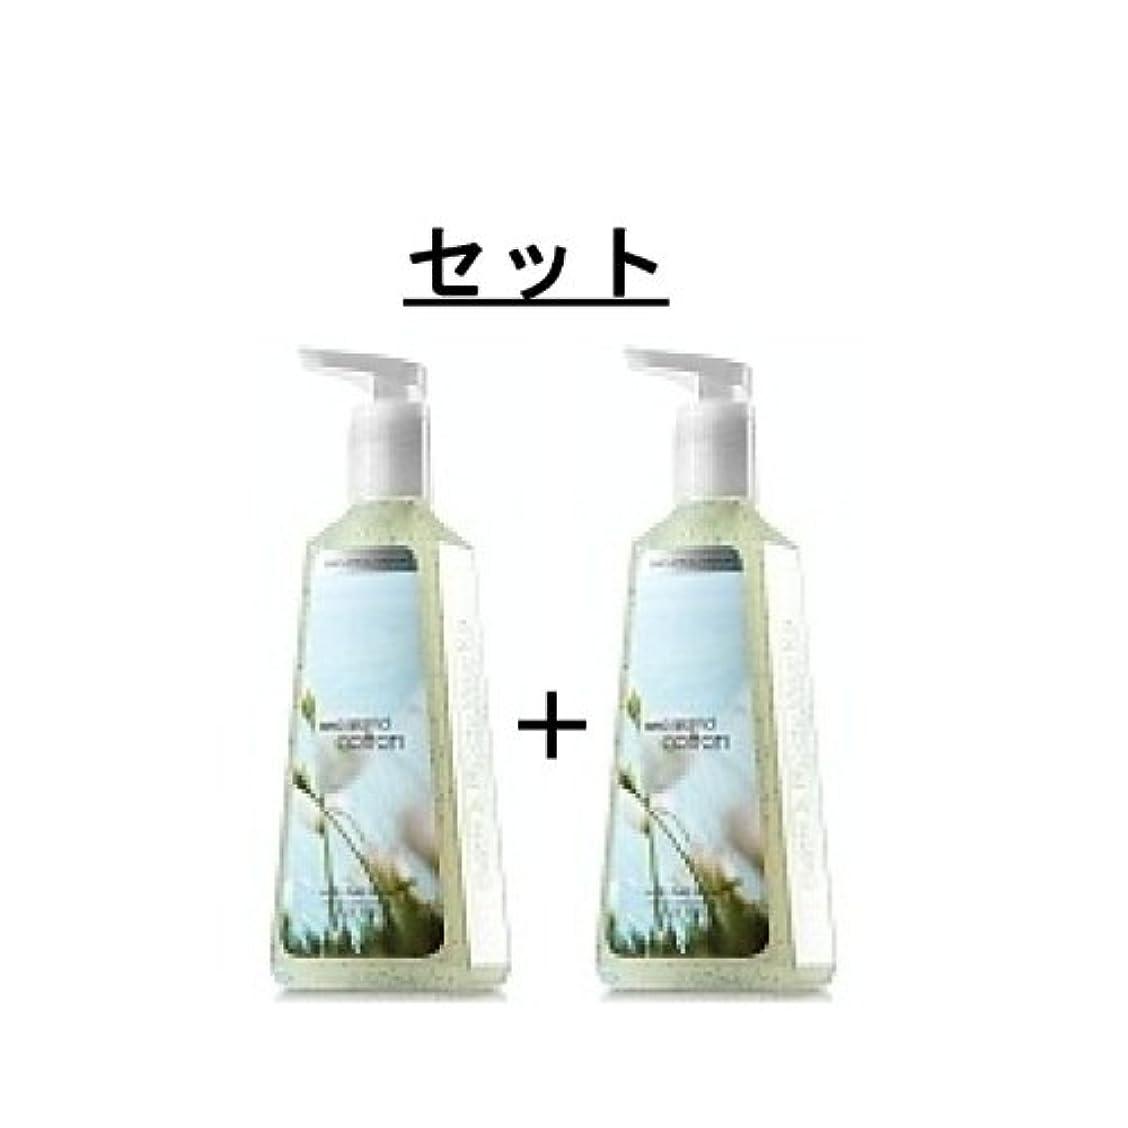 エクスタシー研磨バイナリBath & Body Works Sea Island Cotton Antibacterial Deep Cleansing Hand Soap Set of 2 シーアイランドコットン【並行輸入品】